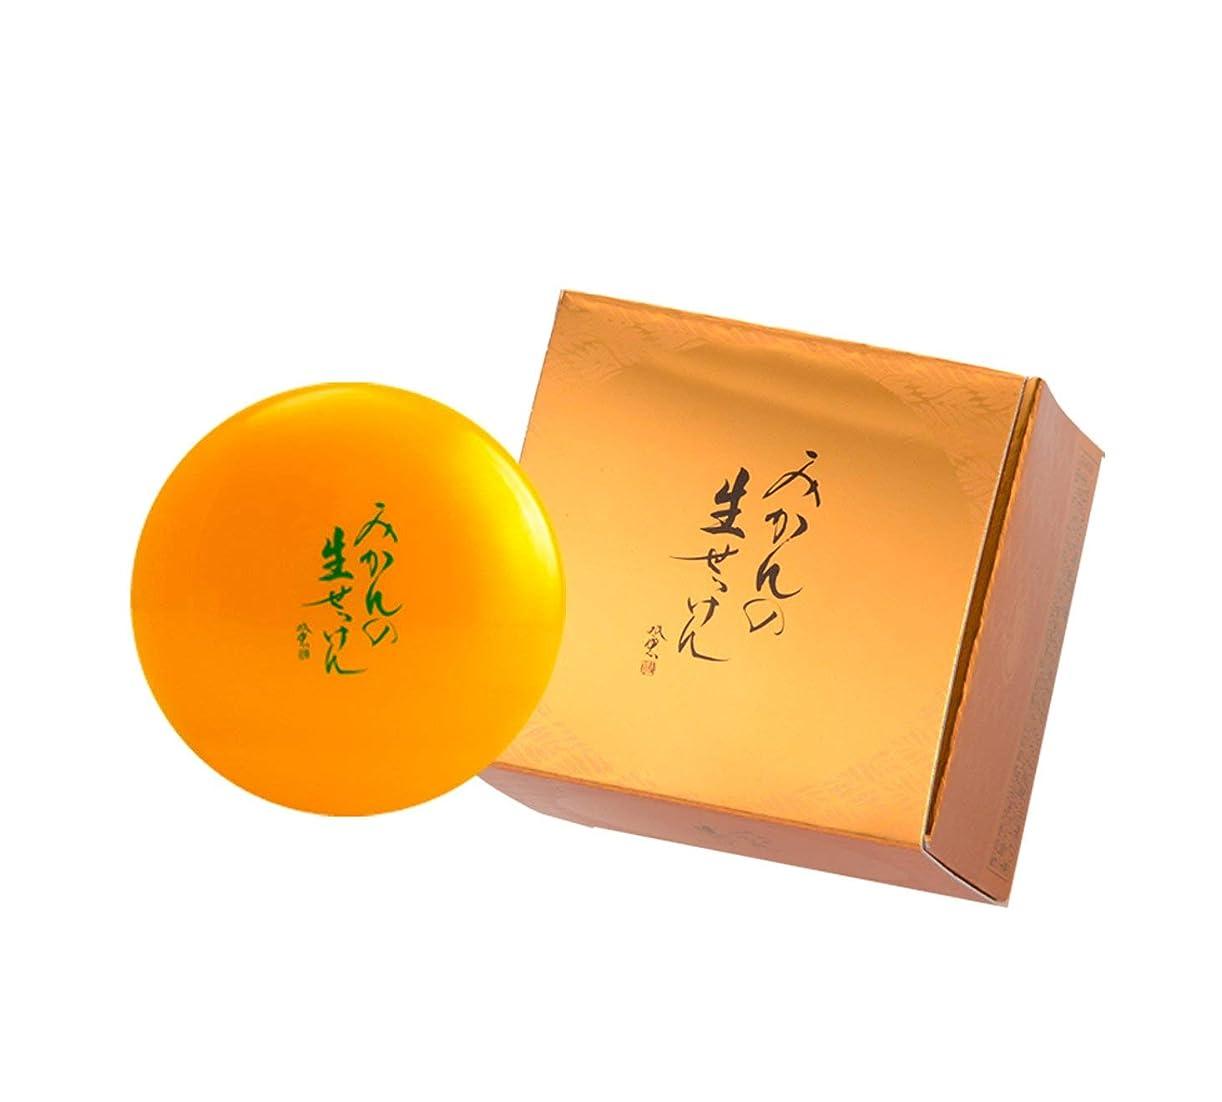 再生的挨拶どきどきUYEKI美香柑みかんの生せっけん120g×3個セット